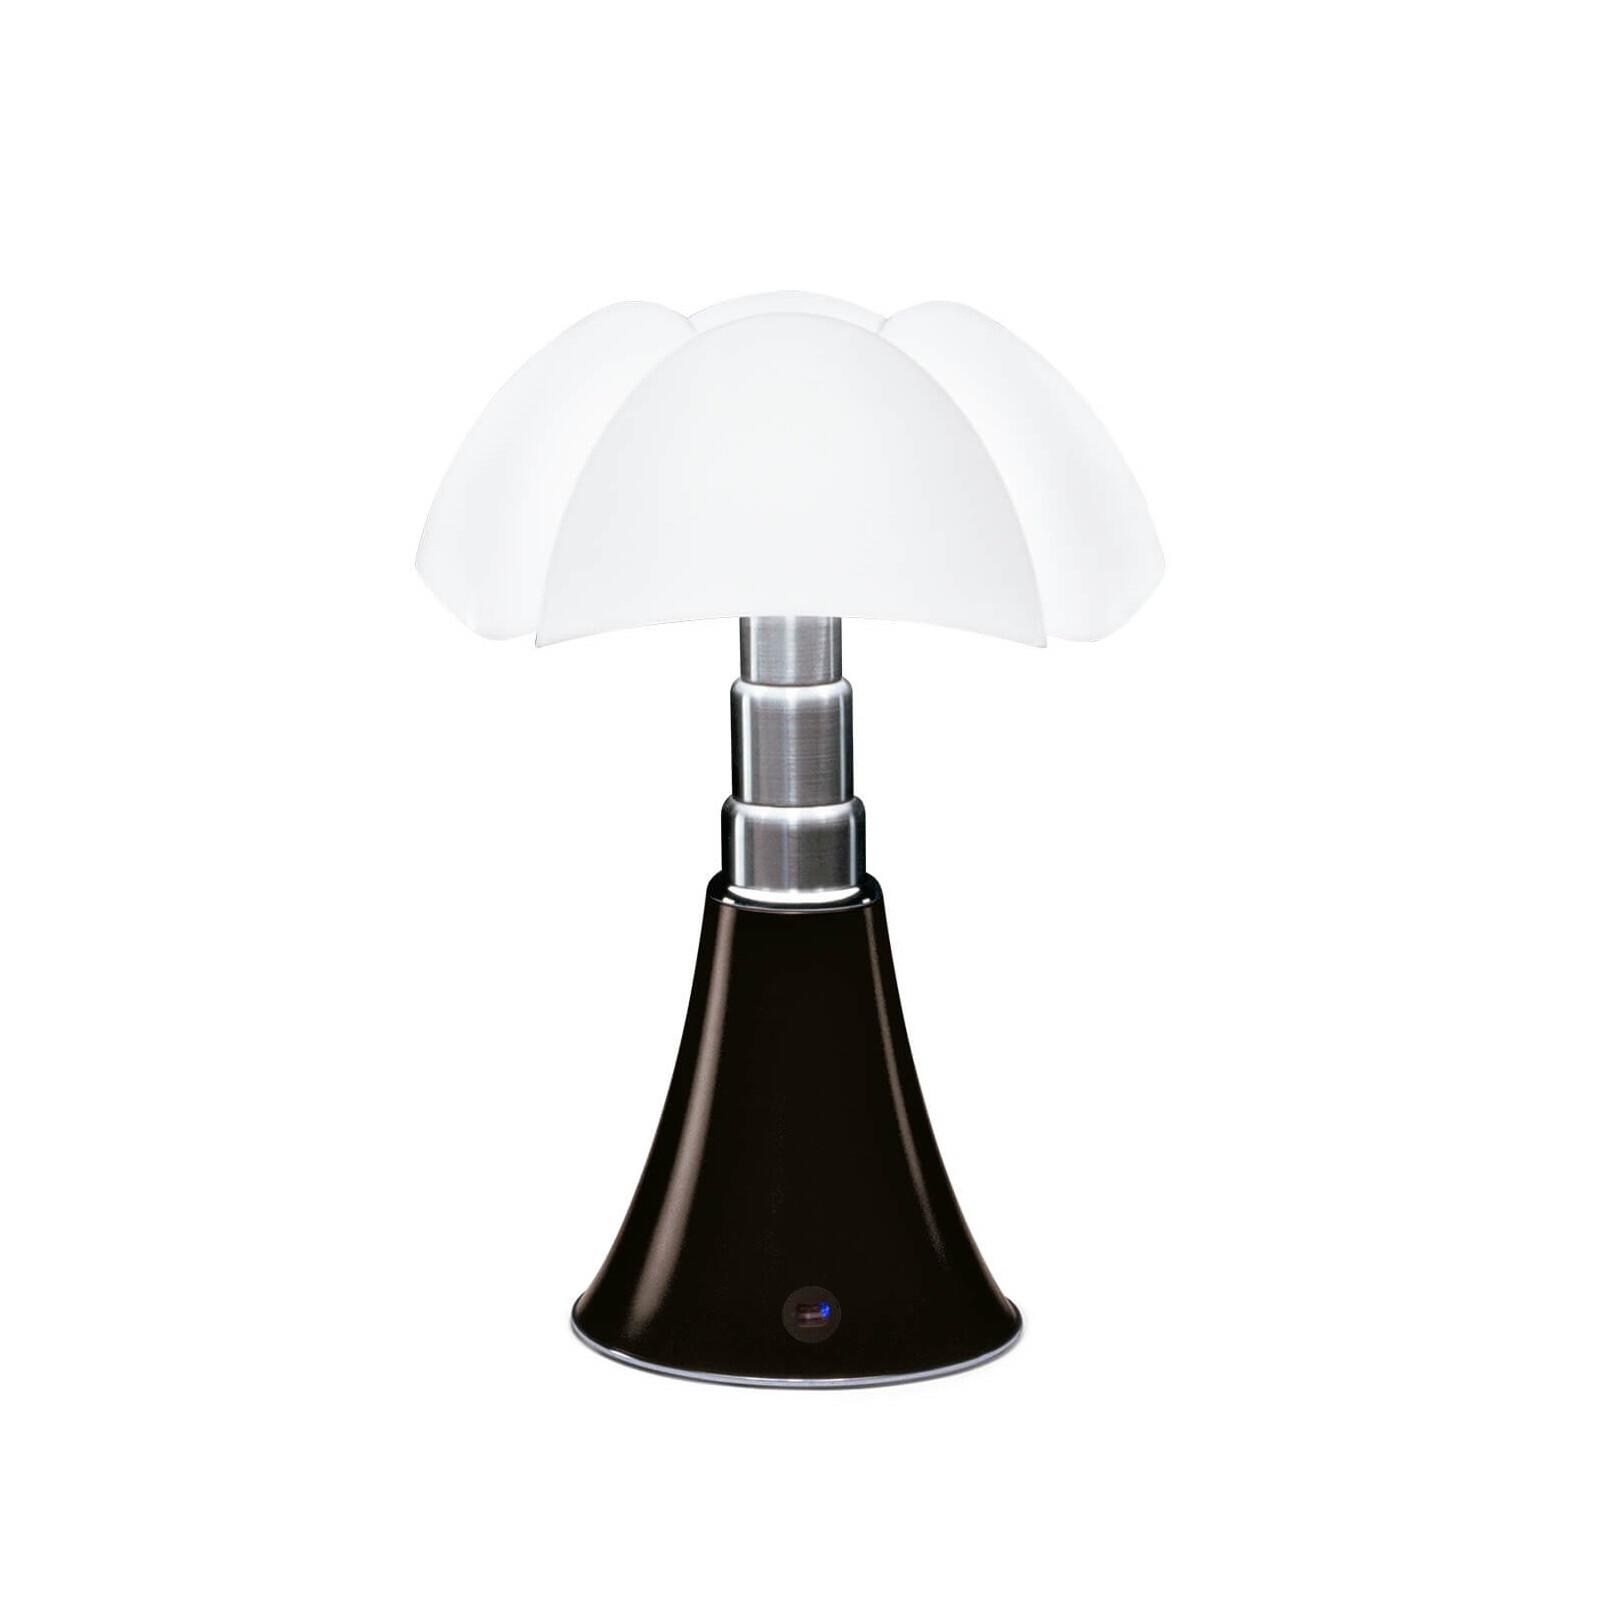 Image of MiniPipistrello Cordless Bordlampe Mørk Brun - Martinelli Luce (12697923)